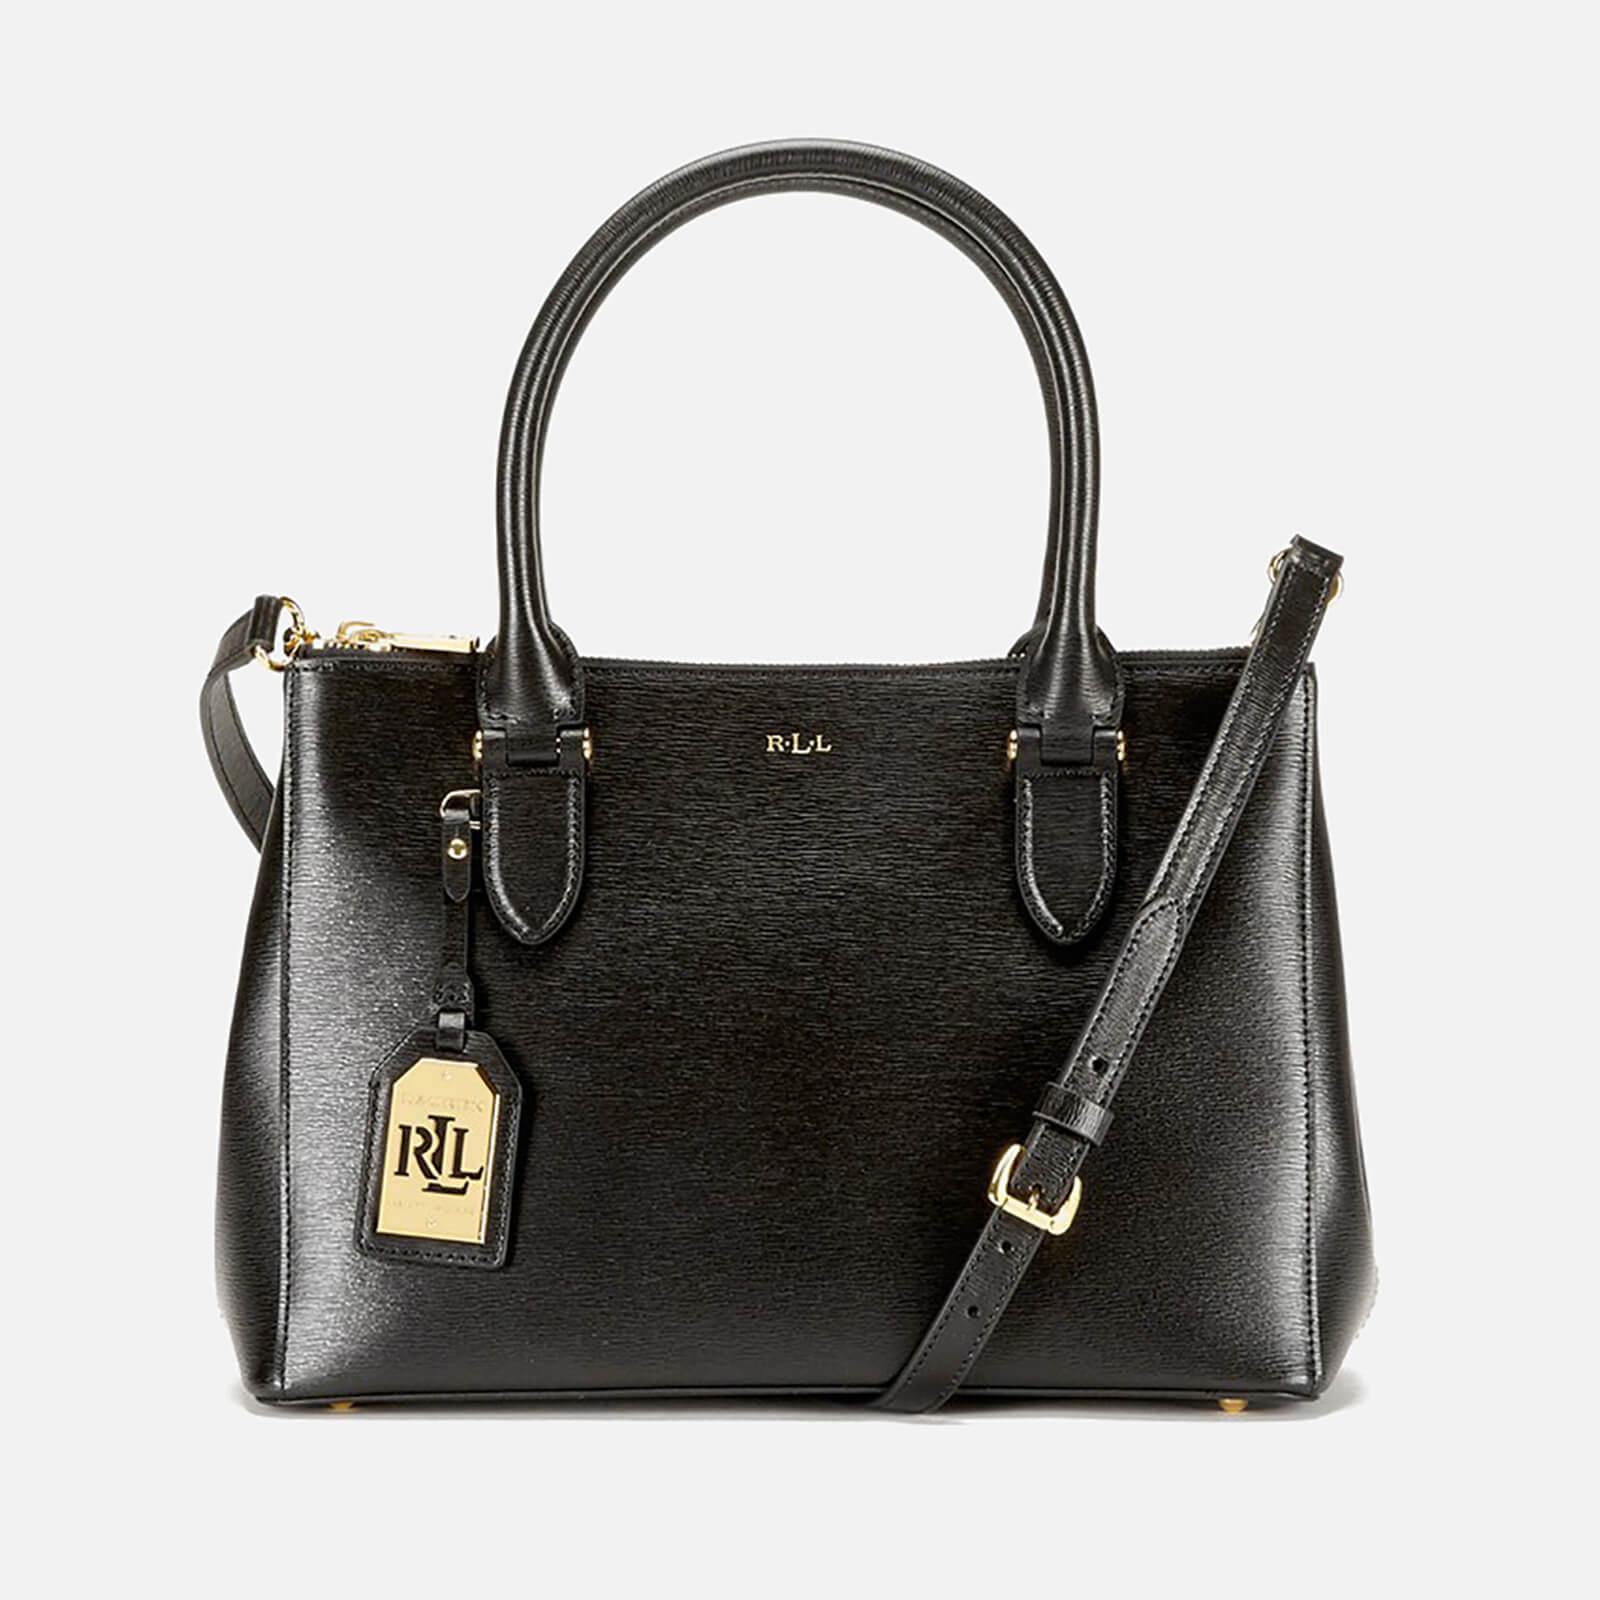 c44cd732d3f Lauren By Ralph Lauren Newbury Double Zipper Shopper Bag in Black - Lyst